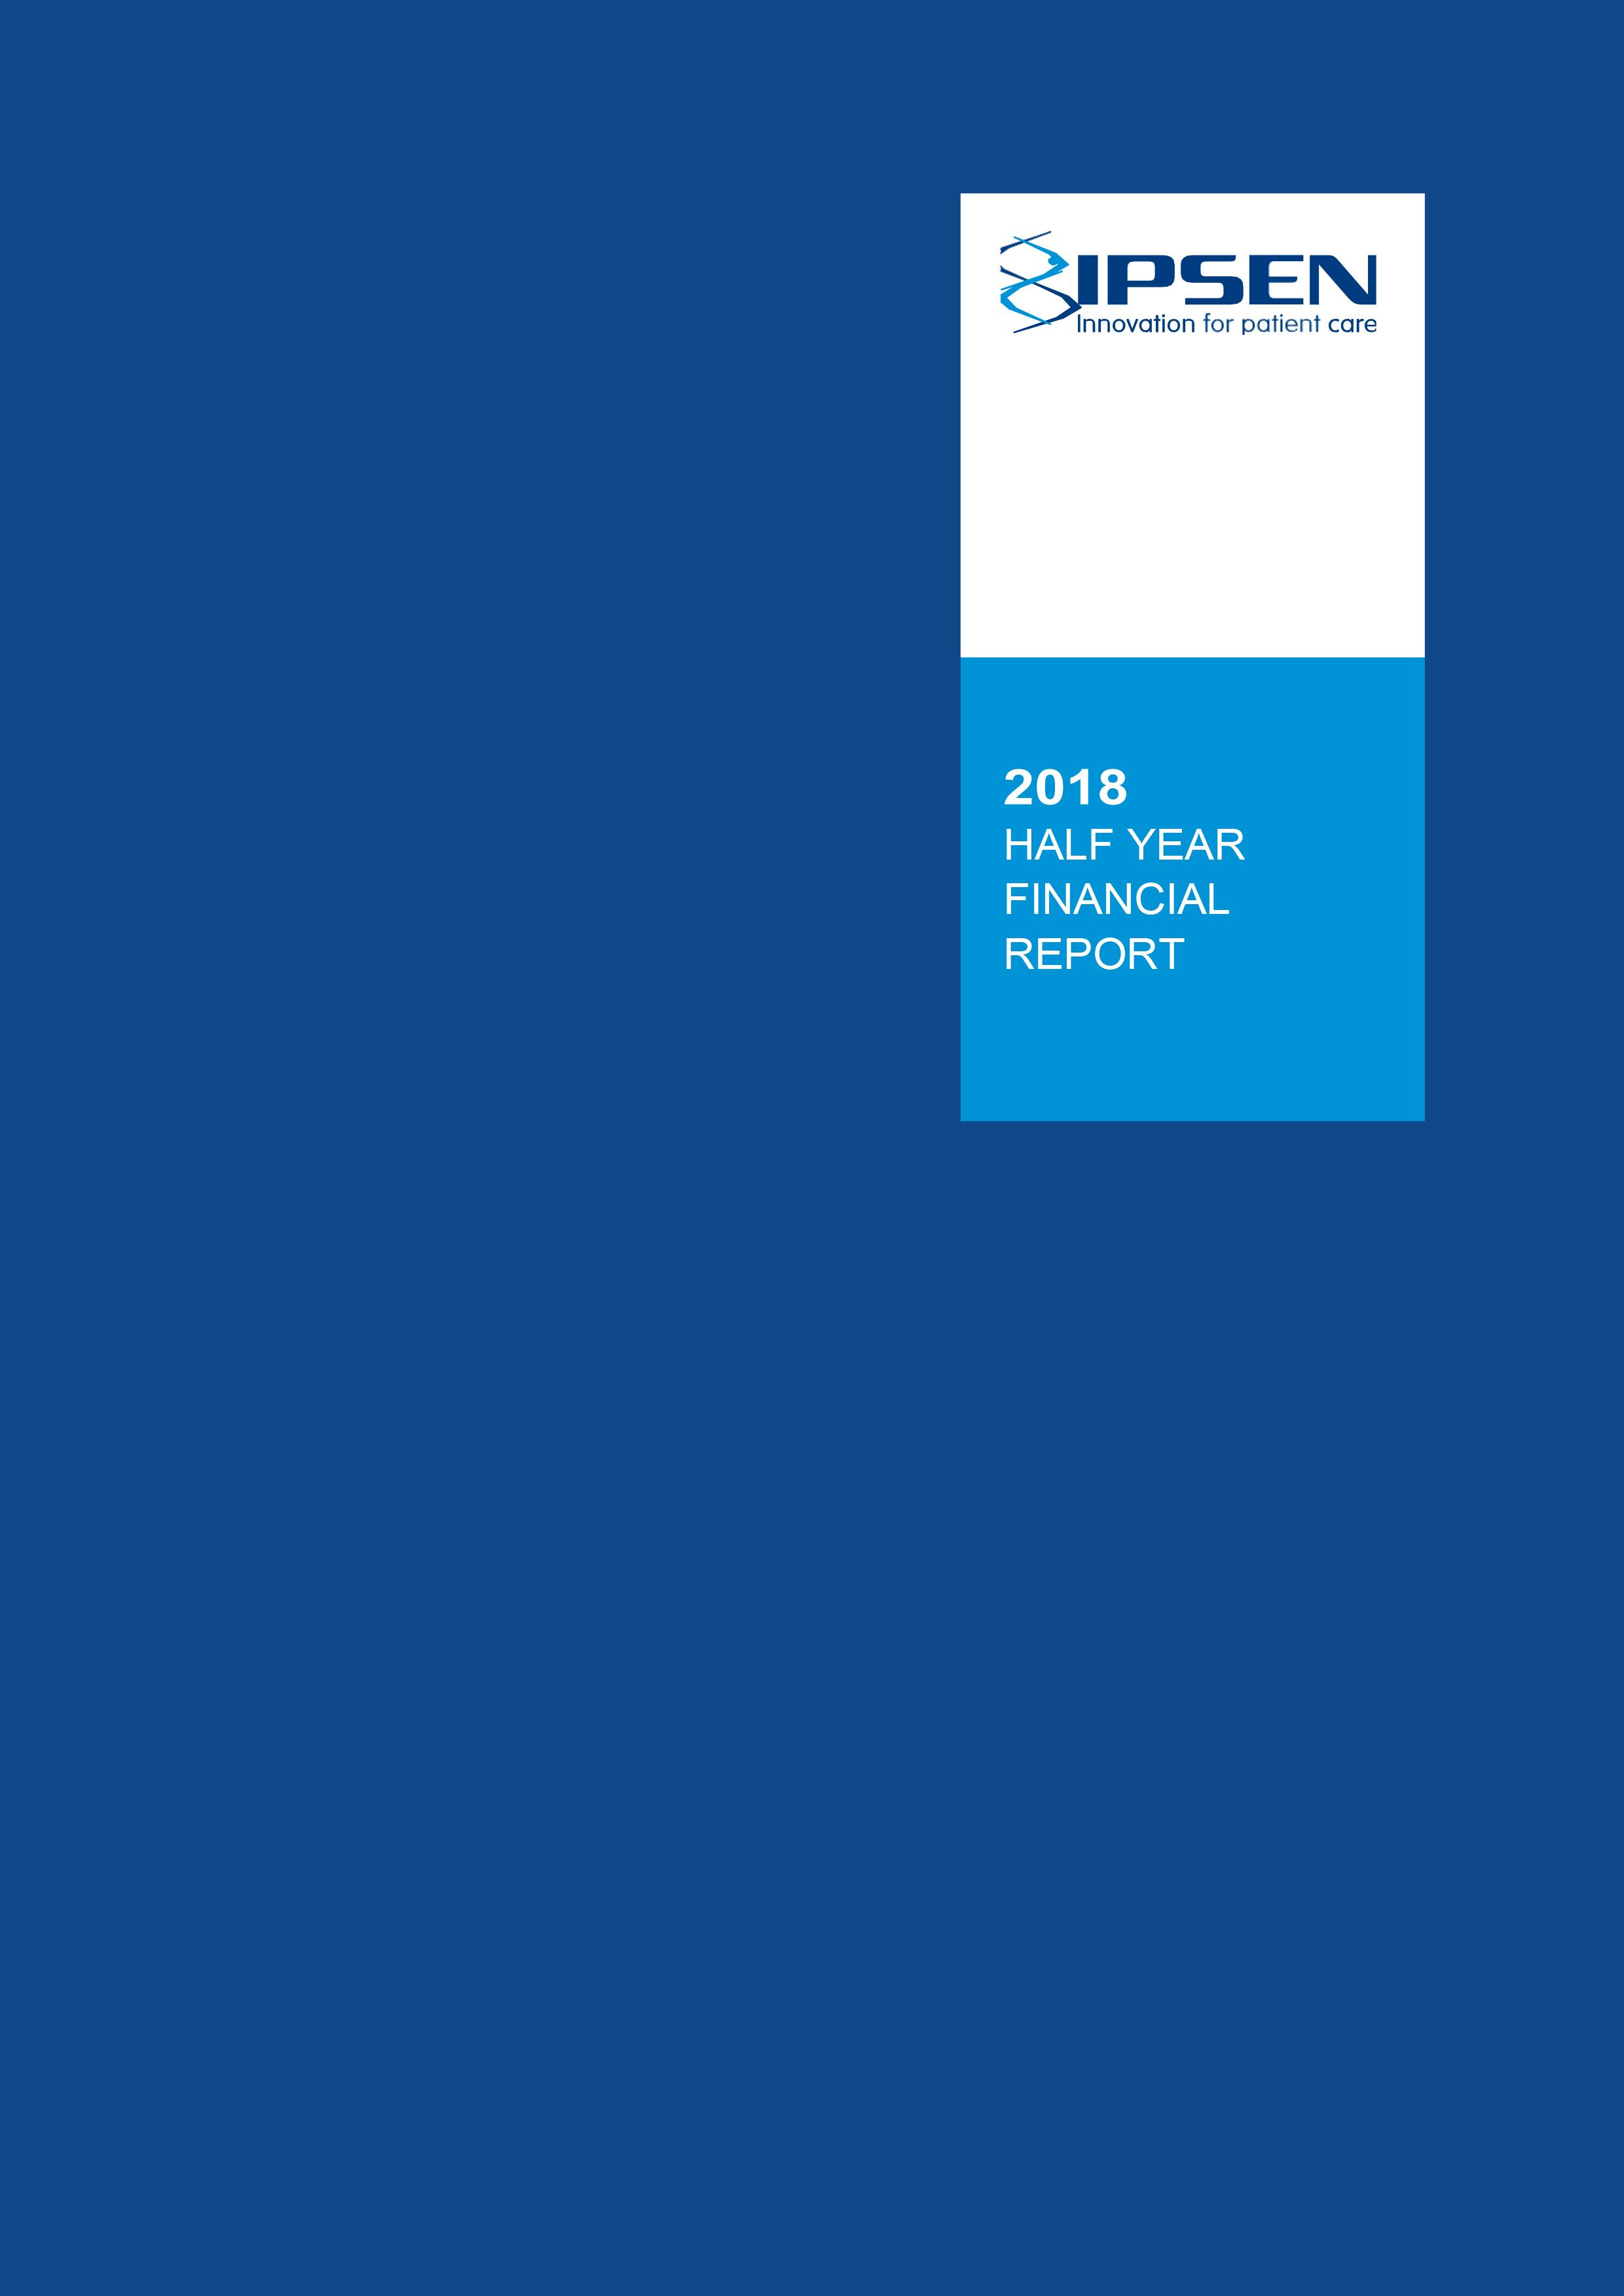 IPSEN-Half-Year-2018-Financial-Report--Final-1